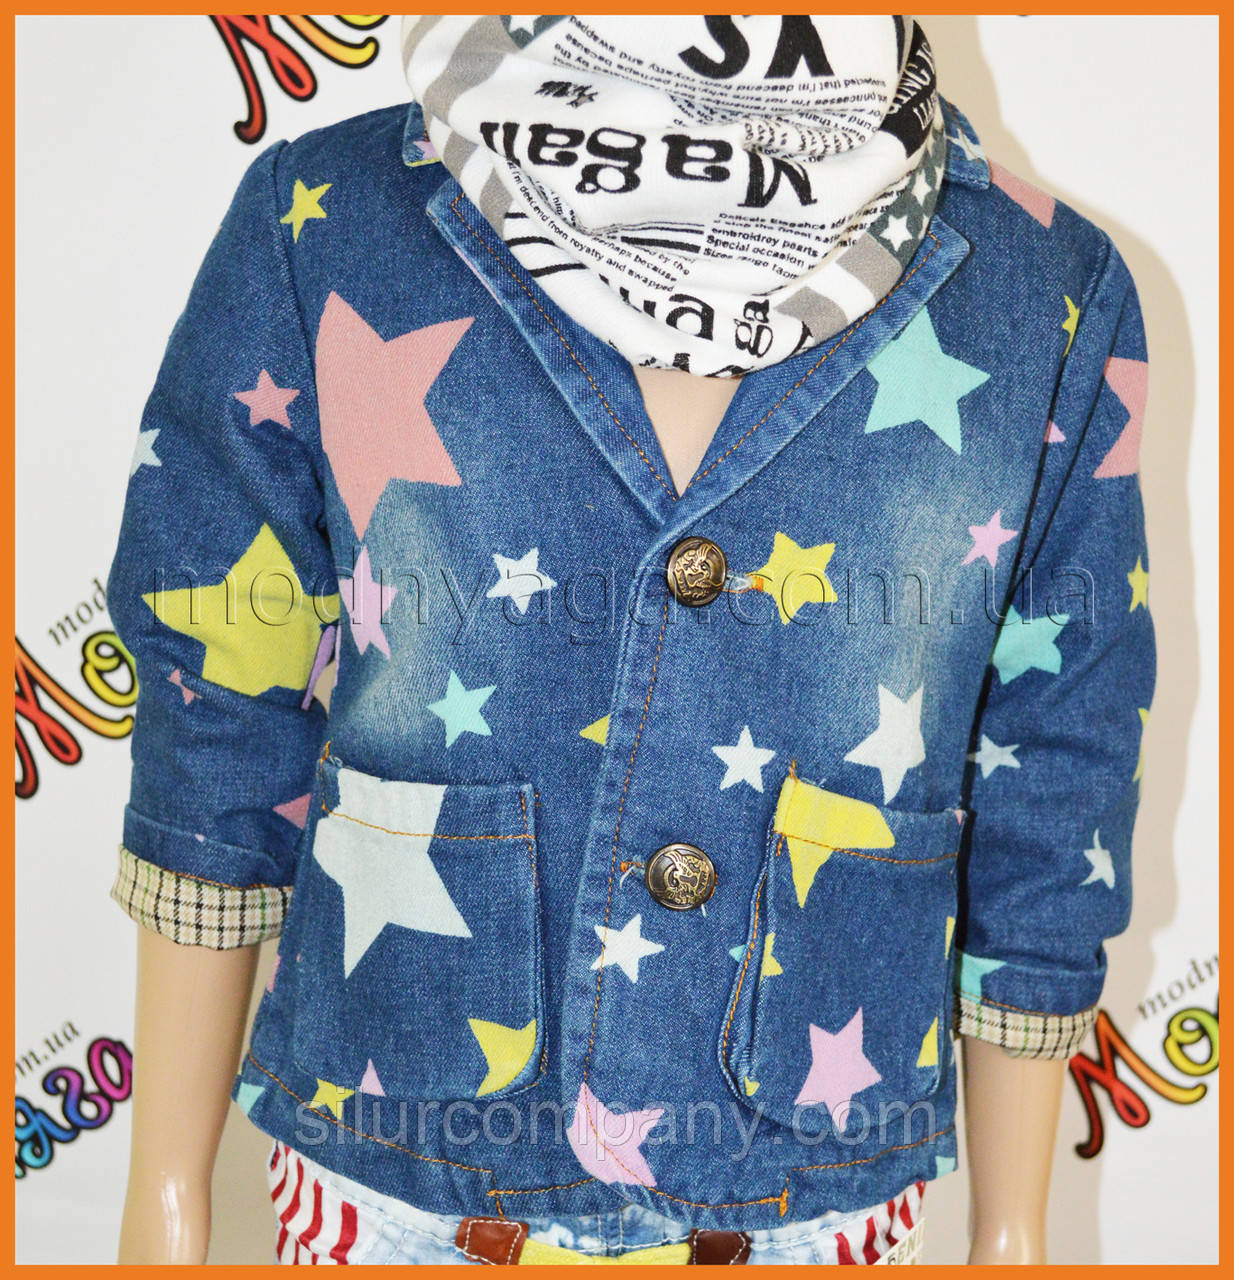 Спец одежда компании мтс женские куртки прайс